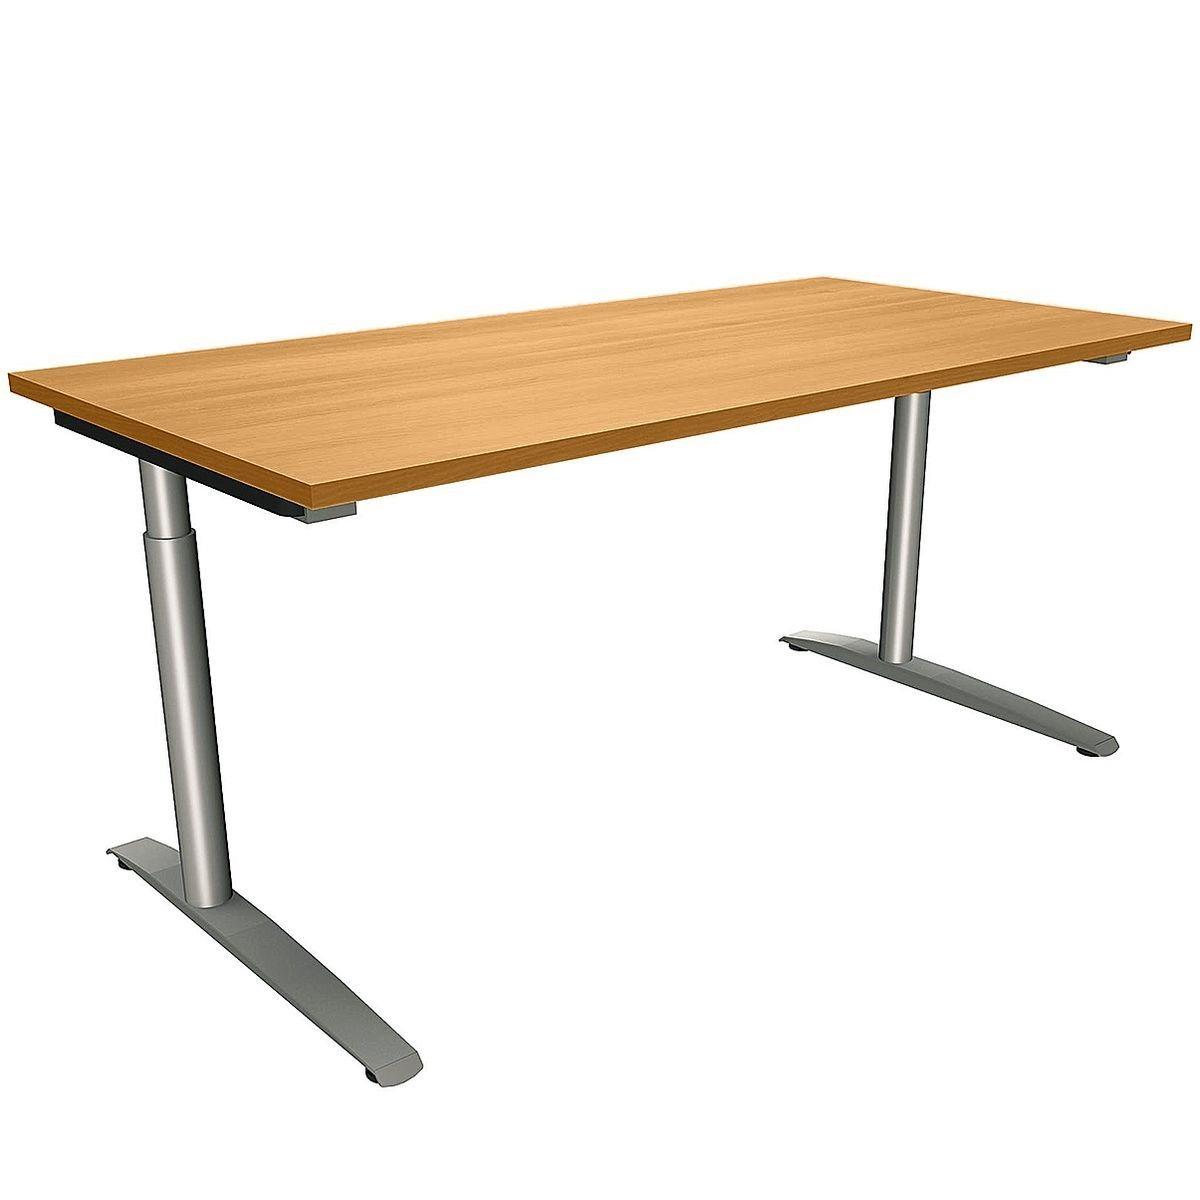 FMBUEROMOEBEL Manuell höhenverstellbarer Schreibtisch 160 cm C-Fu... »Sidney« | Büro > Bürotische > Schreibtische | FMBUEROMOEBEL